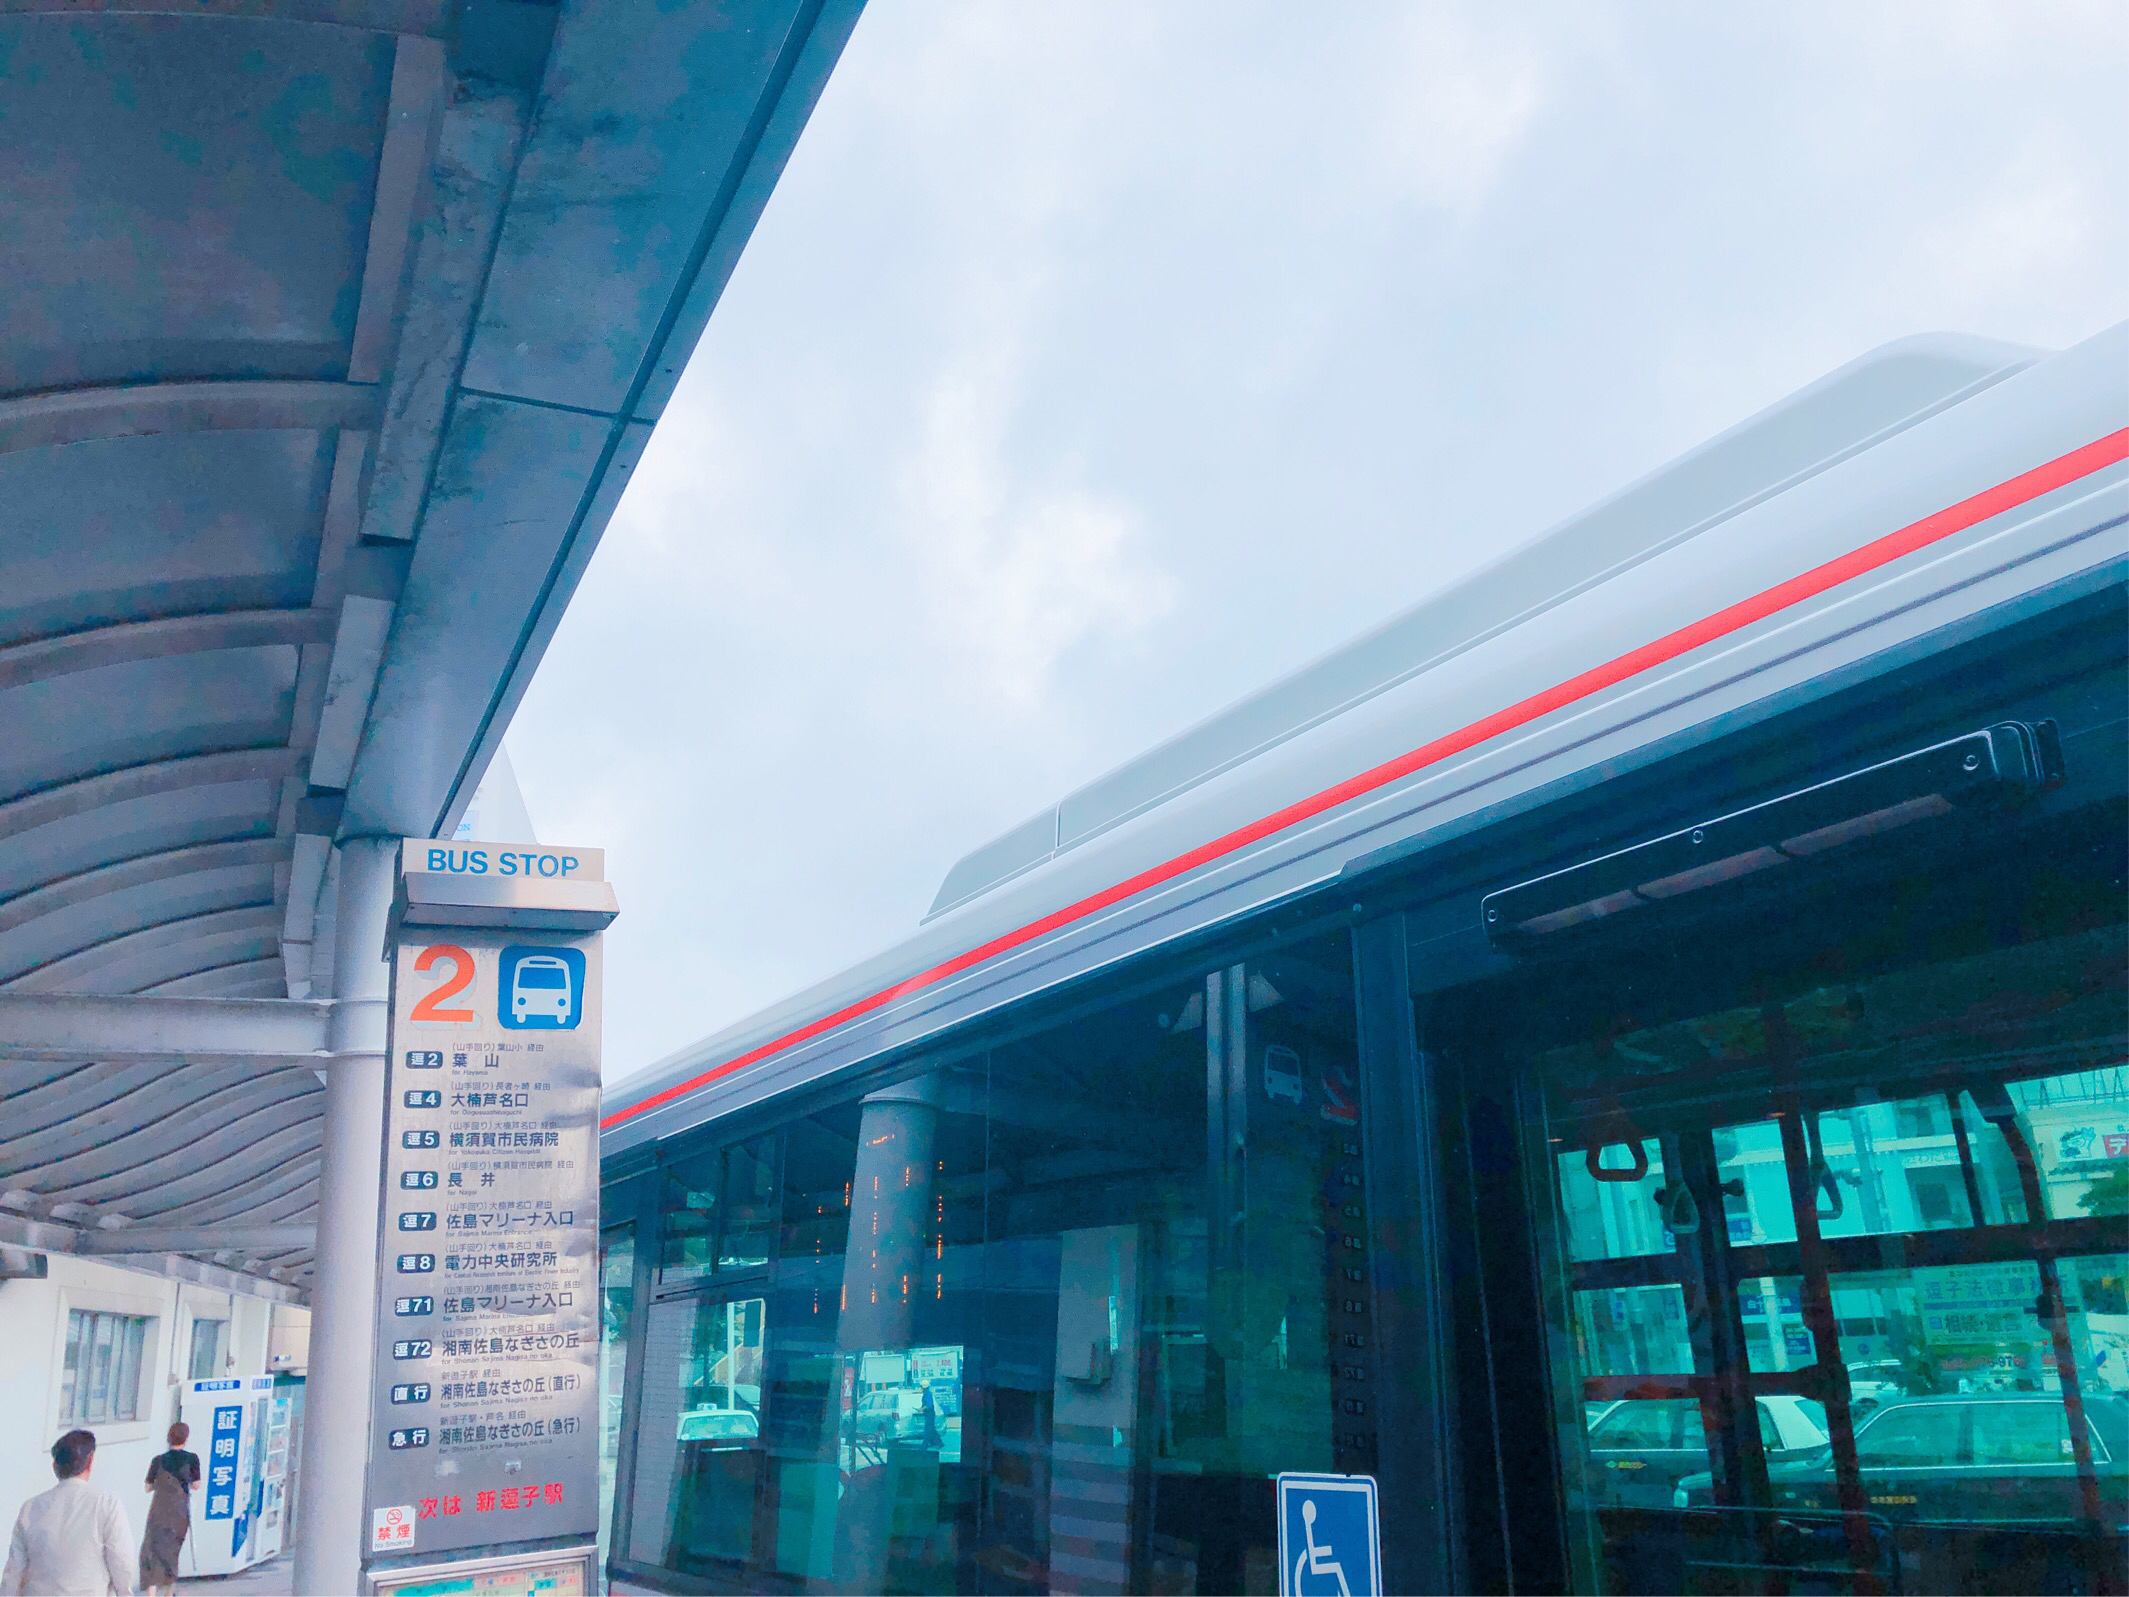 逗子駅、バス停2番乗場の写真です